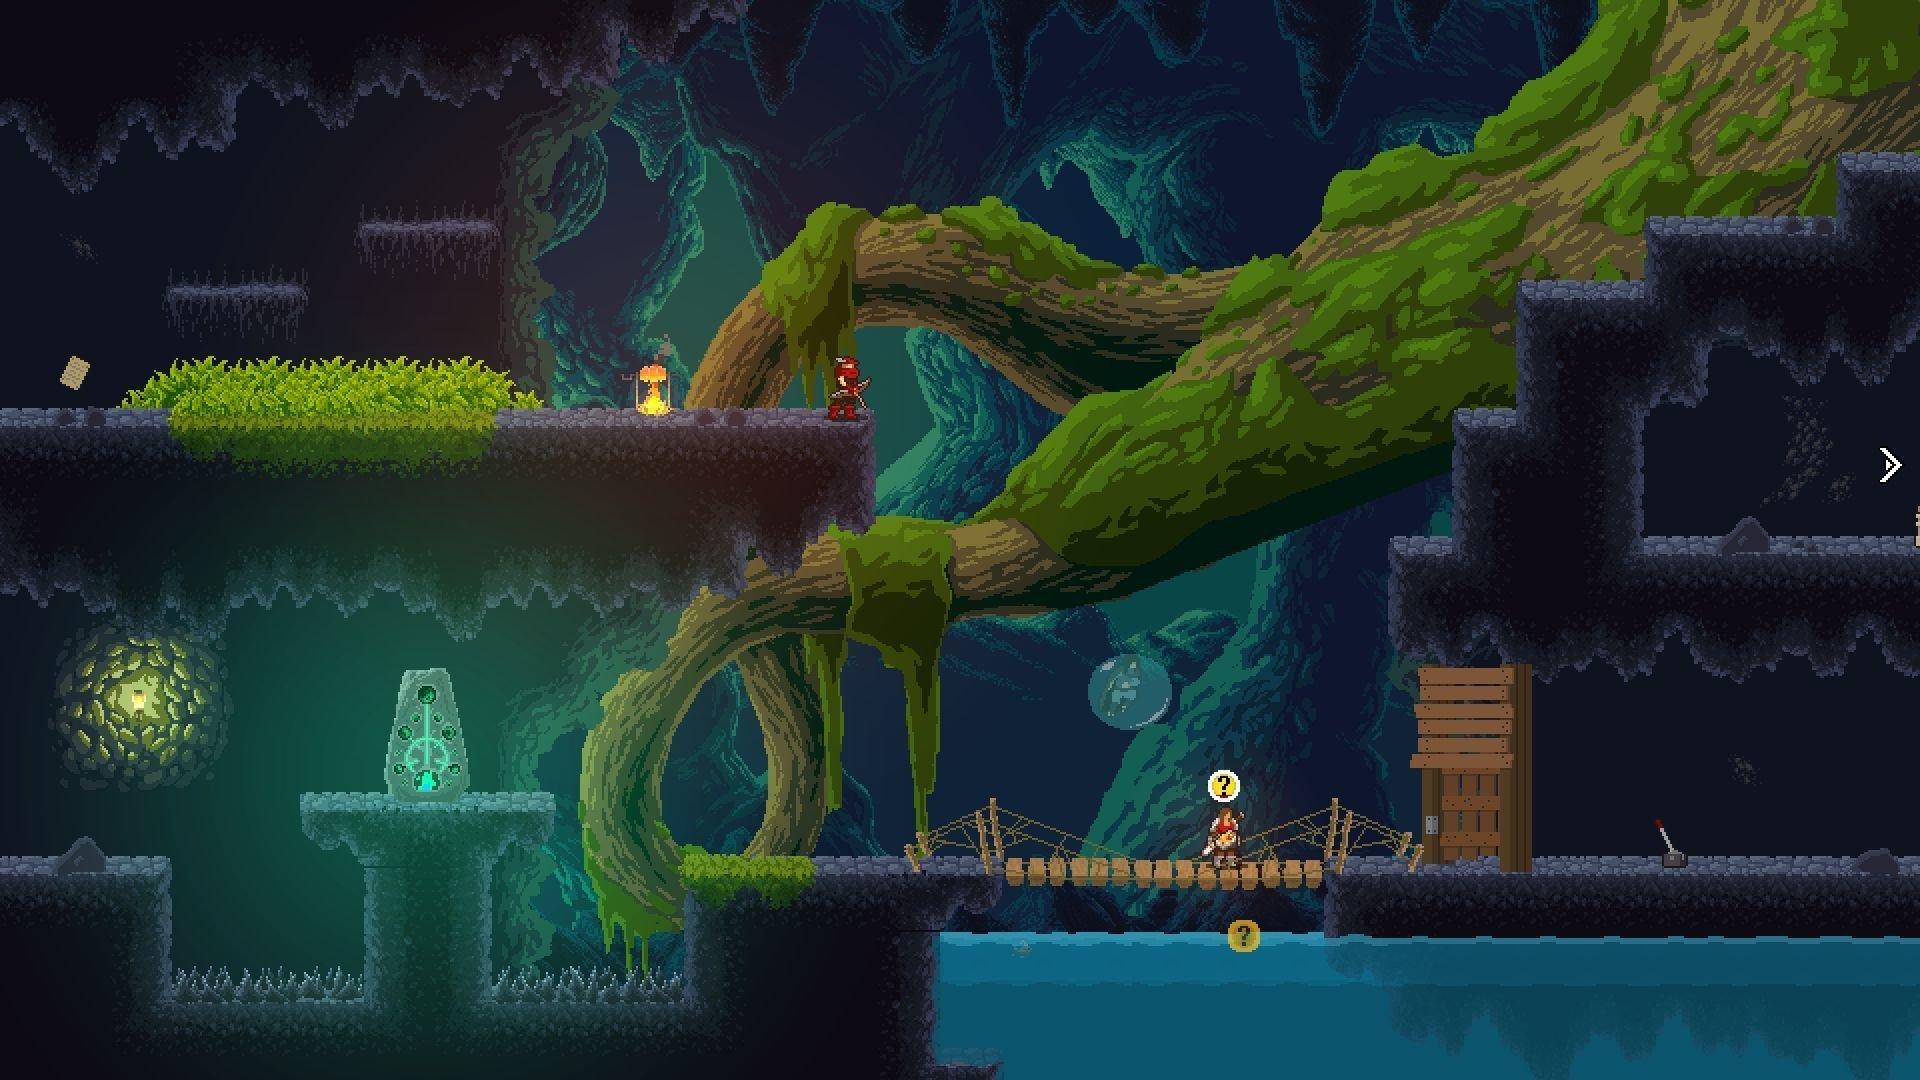 Скриншот к игре Wildfire v.1.02.01 [GOG] (2020) скачать торрент Лицензия